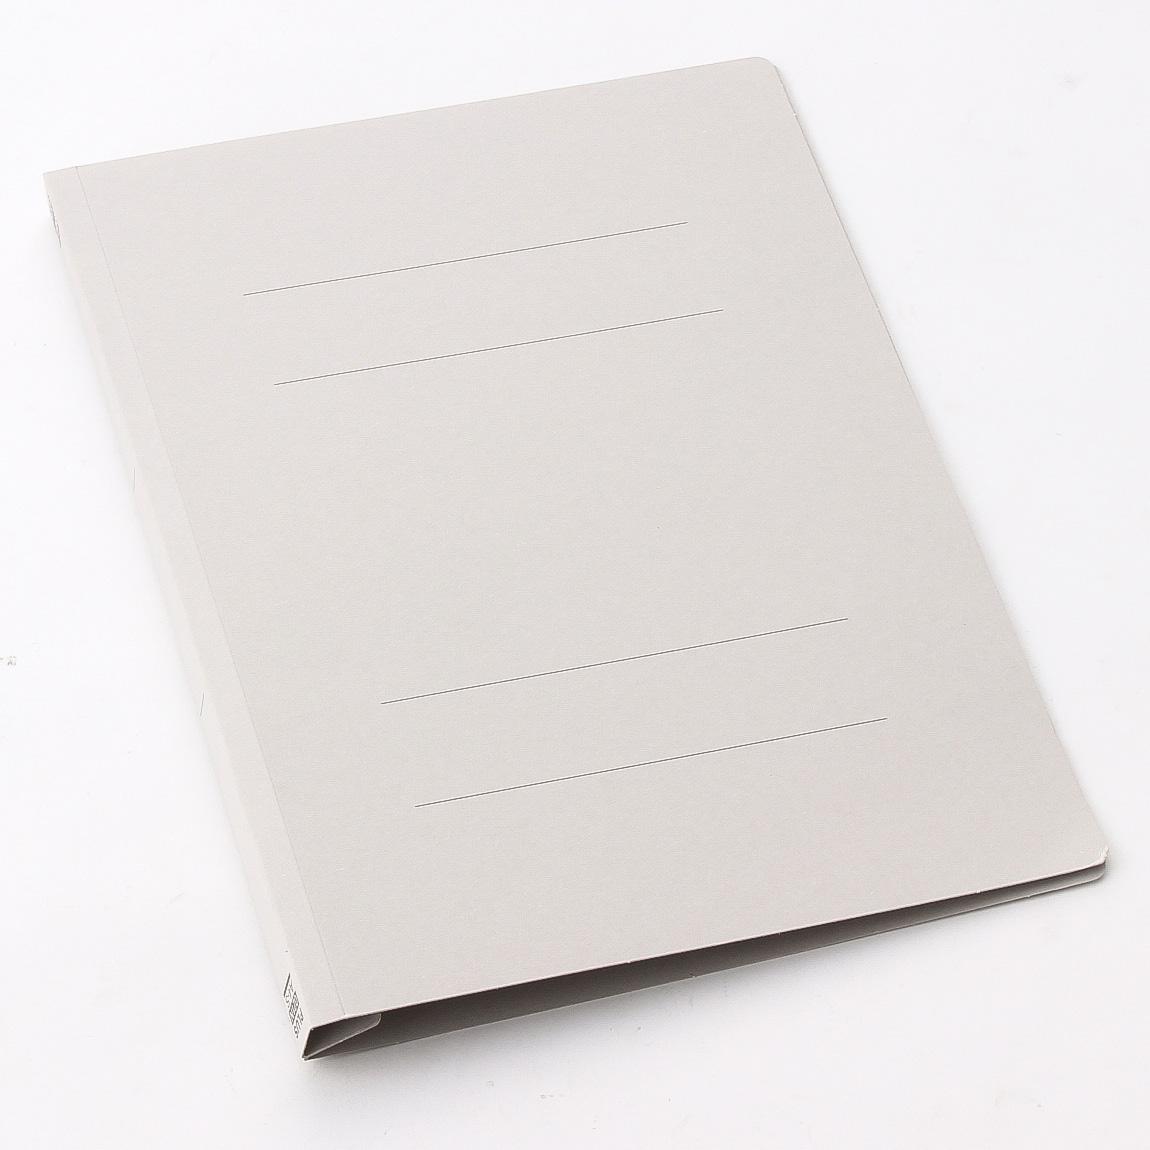 プラス フラットファイル 樹脂 A4 縦 グレー (NO.021N) 10冊